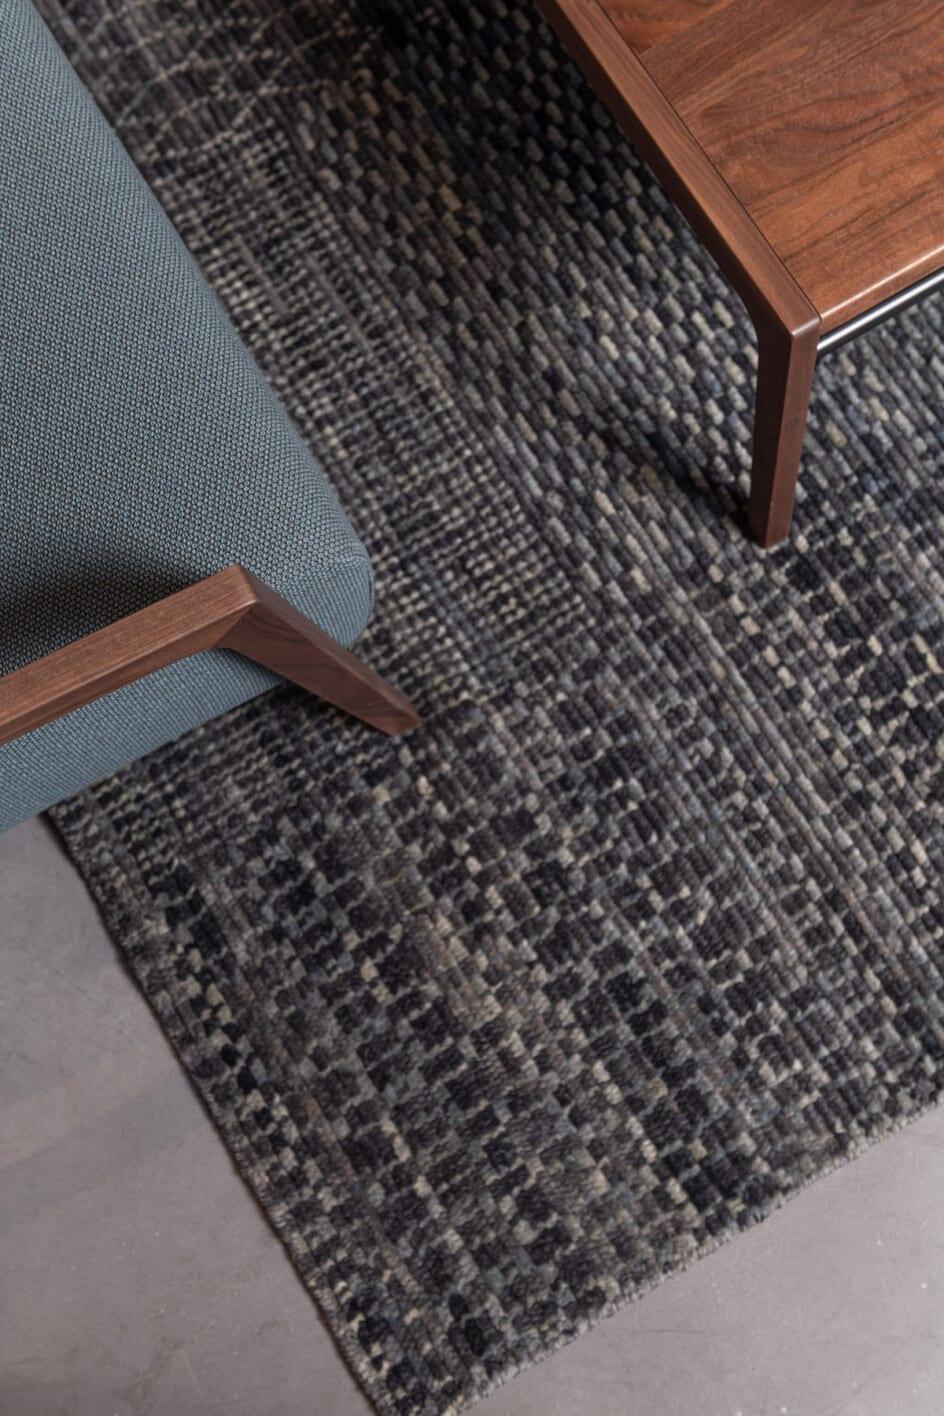 umbra fields grijsblauw vloerkleed Brokking harvink meubels detailfoto